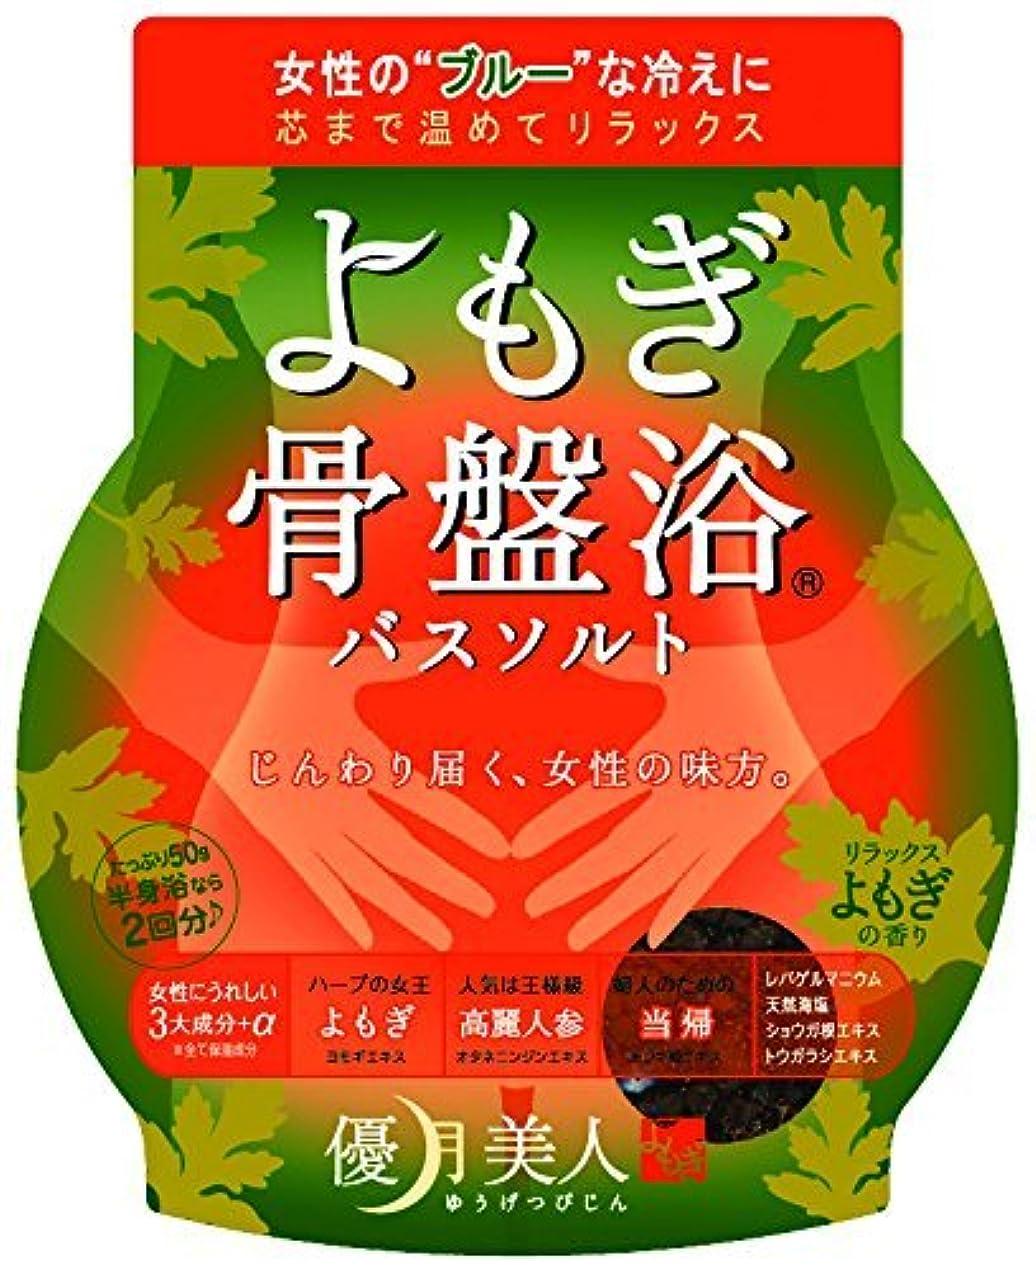 【まとめ買い】優月美人 バスソルト よもぎの香り 50g ×5個